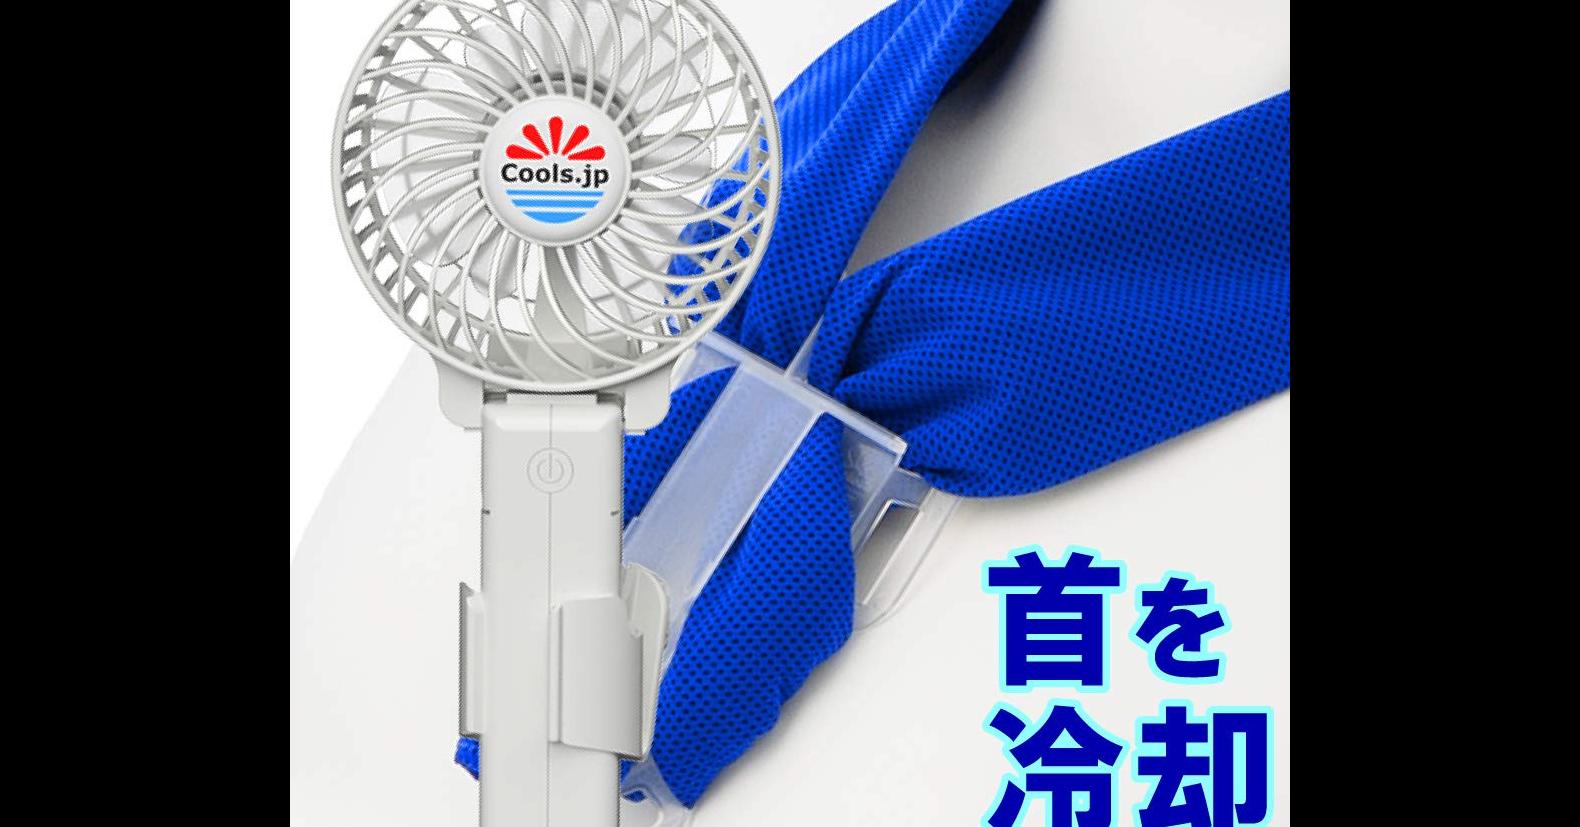 Fan, 冷風扇, USB扇風機, Air Conditioners, Abkühlung, Necktie, 冷風機, Fan, Ventilation, USB, Fan, Mechanical fan, Electric blue, Fashion accessory, Tie, Wheel